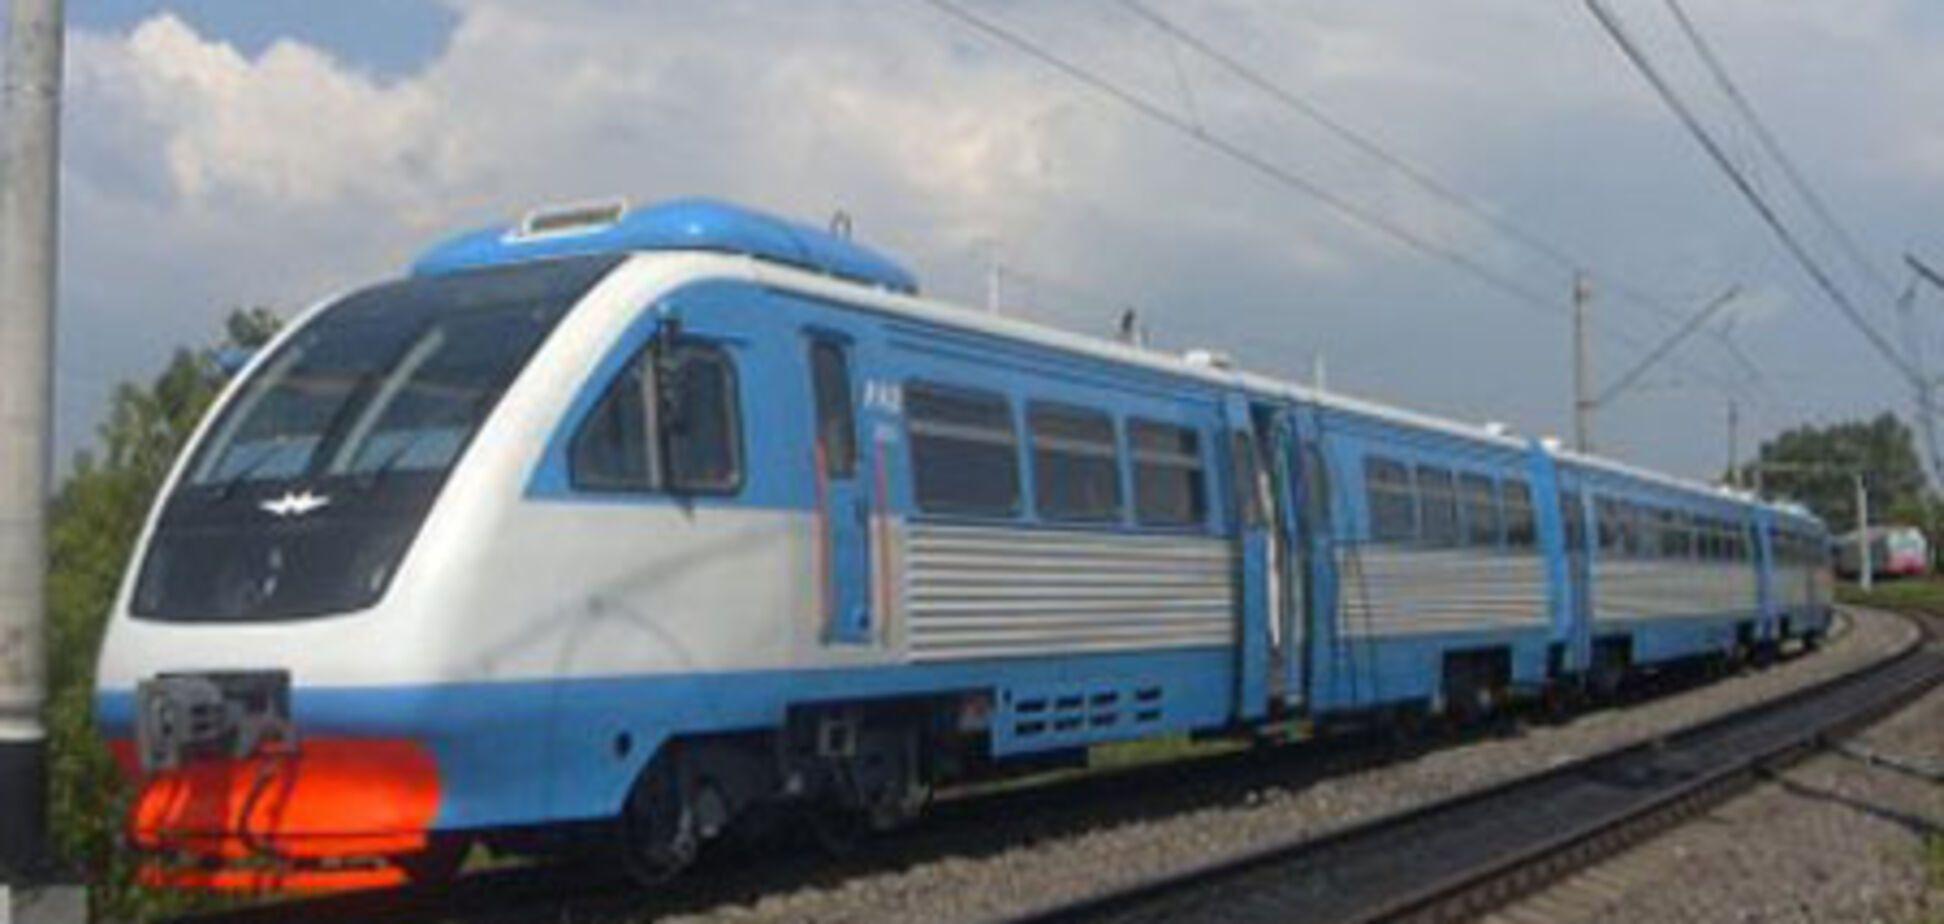 Французькі контролери вимагають захисту від пасажирів